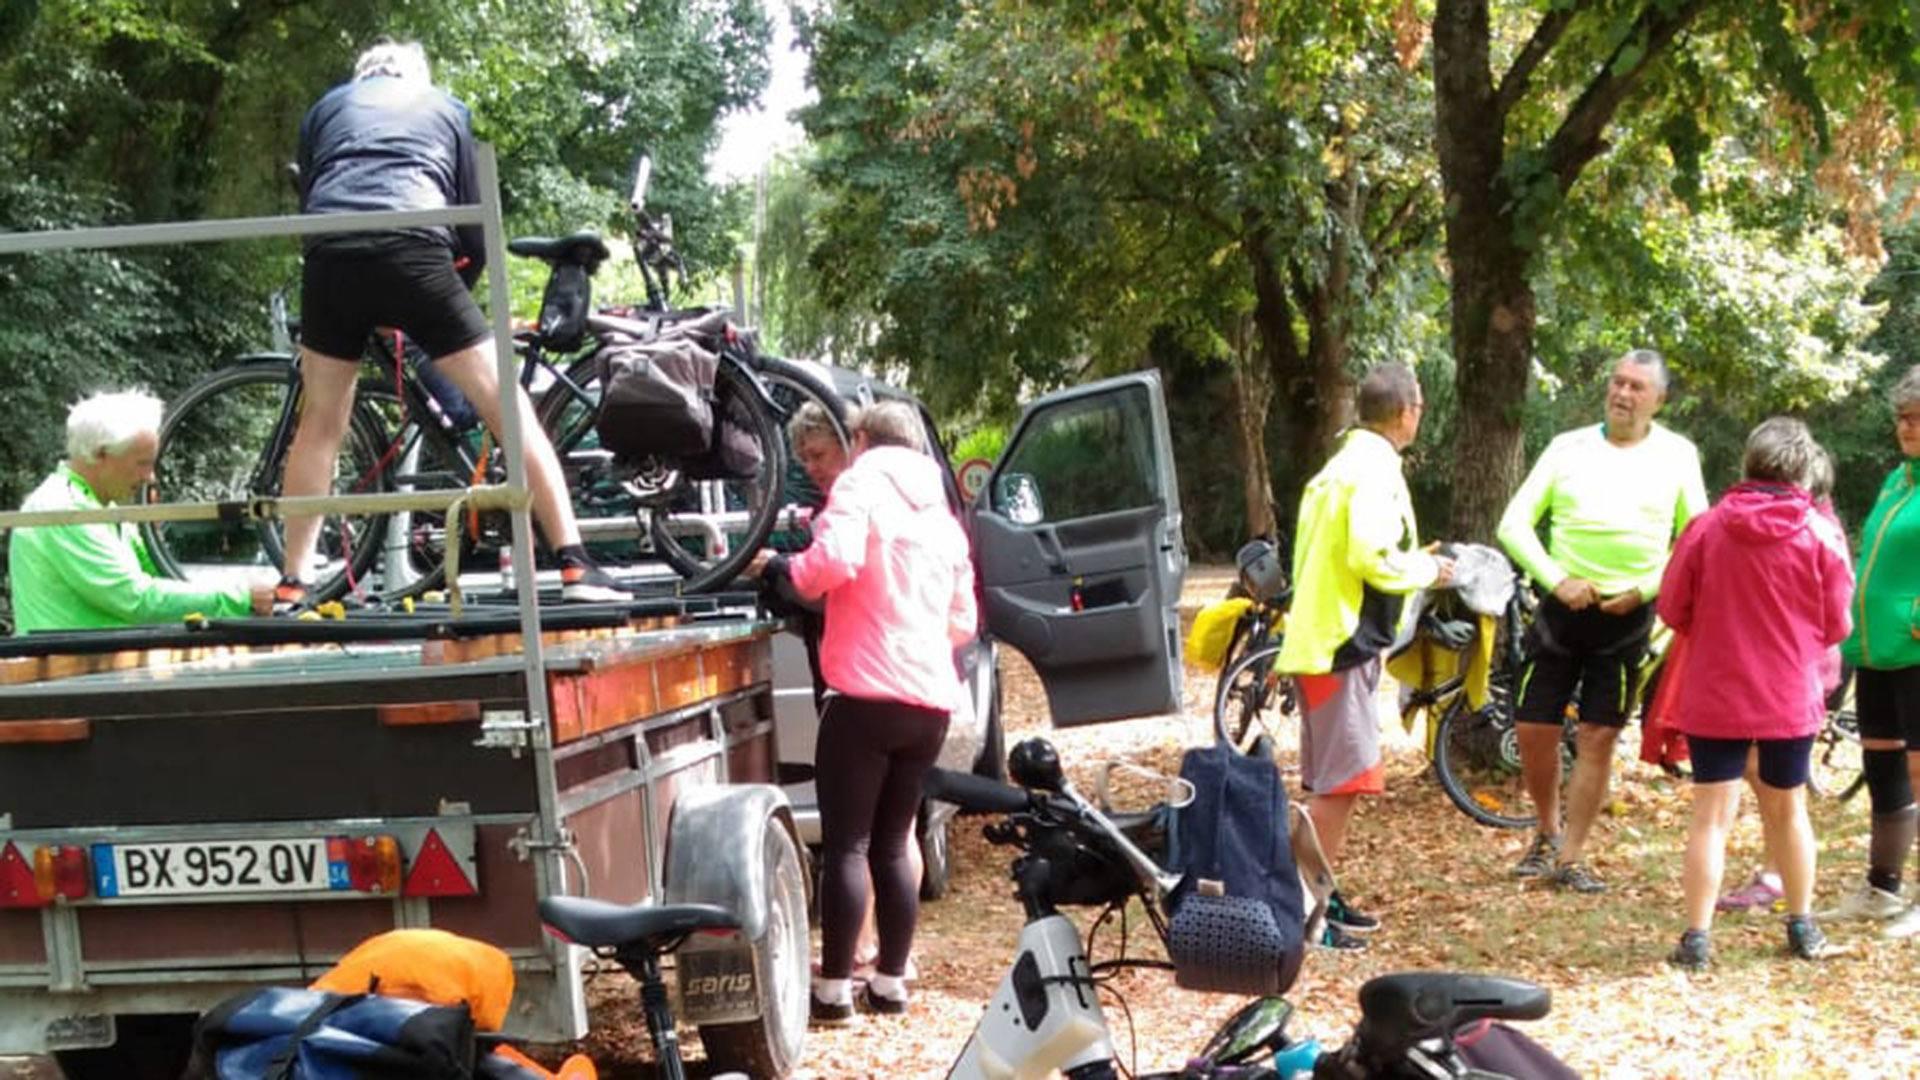 L'Alsace à vélo, installation technique des vélos sur la remorque